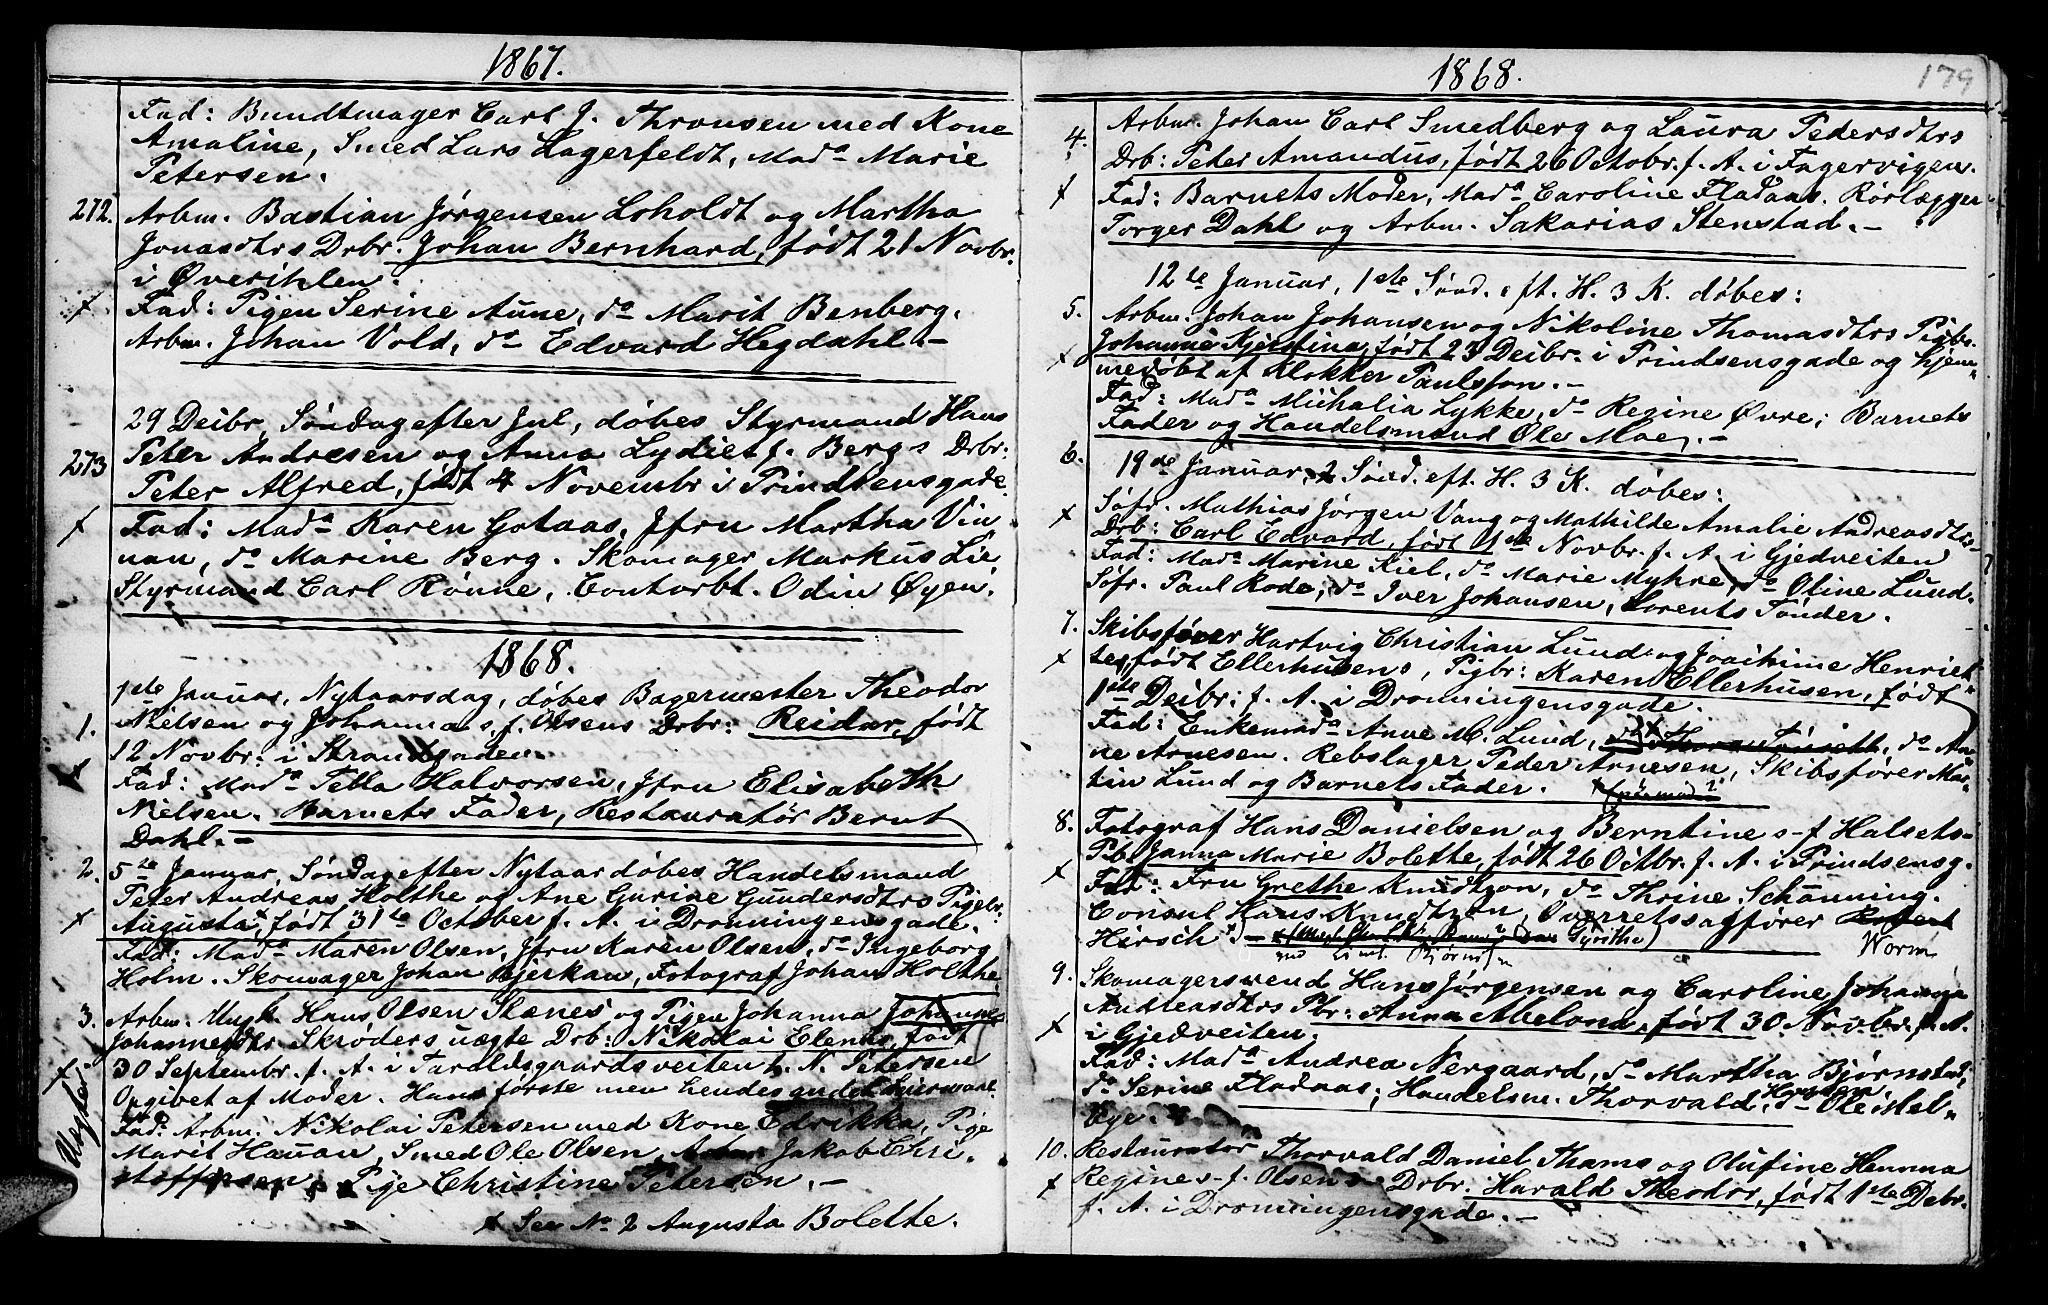 SAT, Ministerialprotokoller, klokkerbøker og fødselsregistre - Sør-Trøndelag, 602/L0140: Klokkerbok nr. 602C08, 1864-1872, s. 178-179